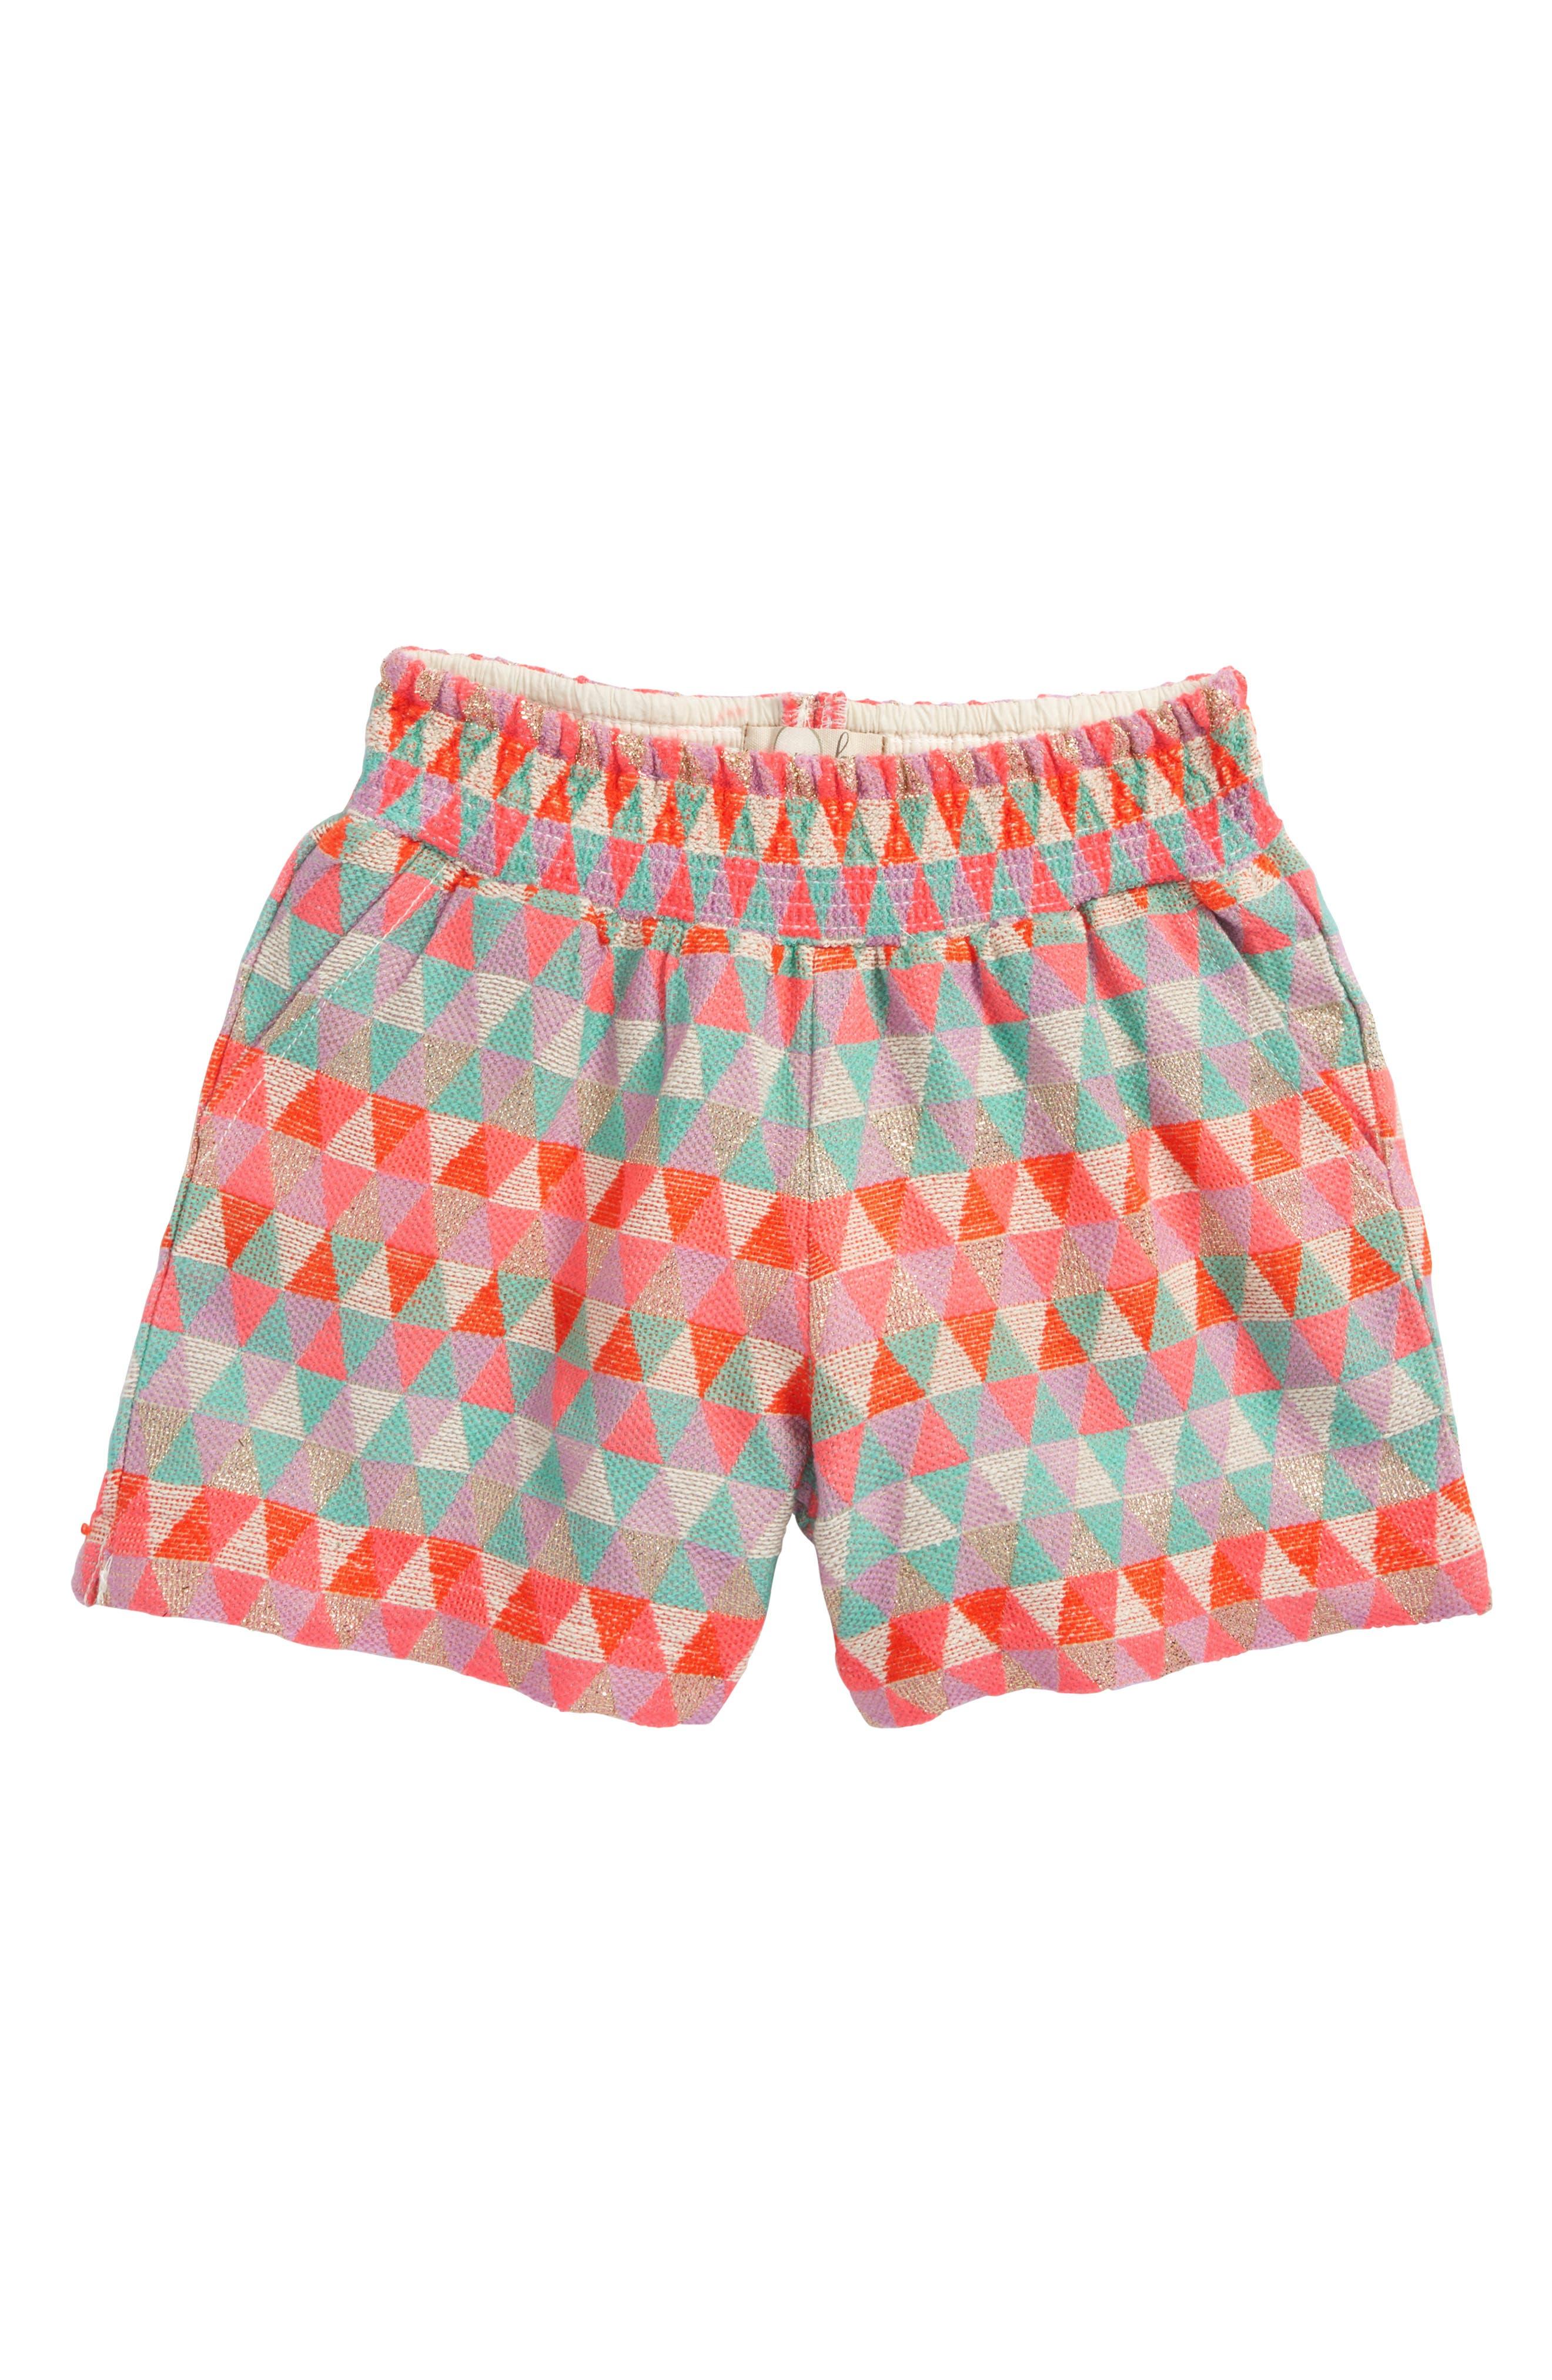 Mexico Shorts,                             Main thumbnail 1, color,                             Coral